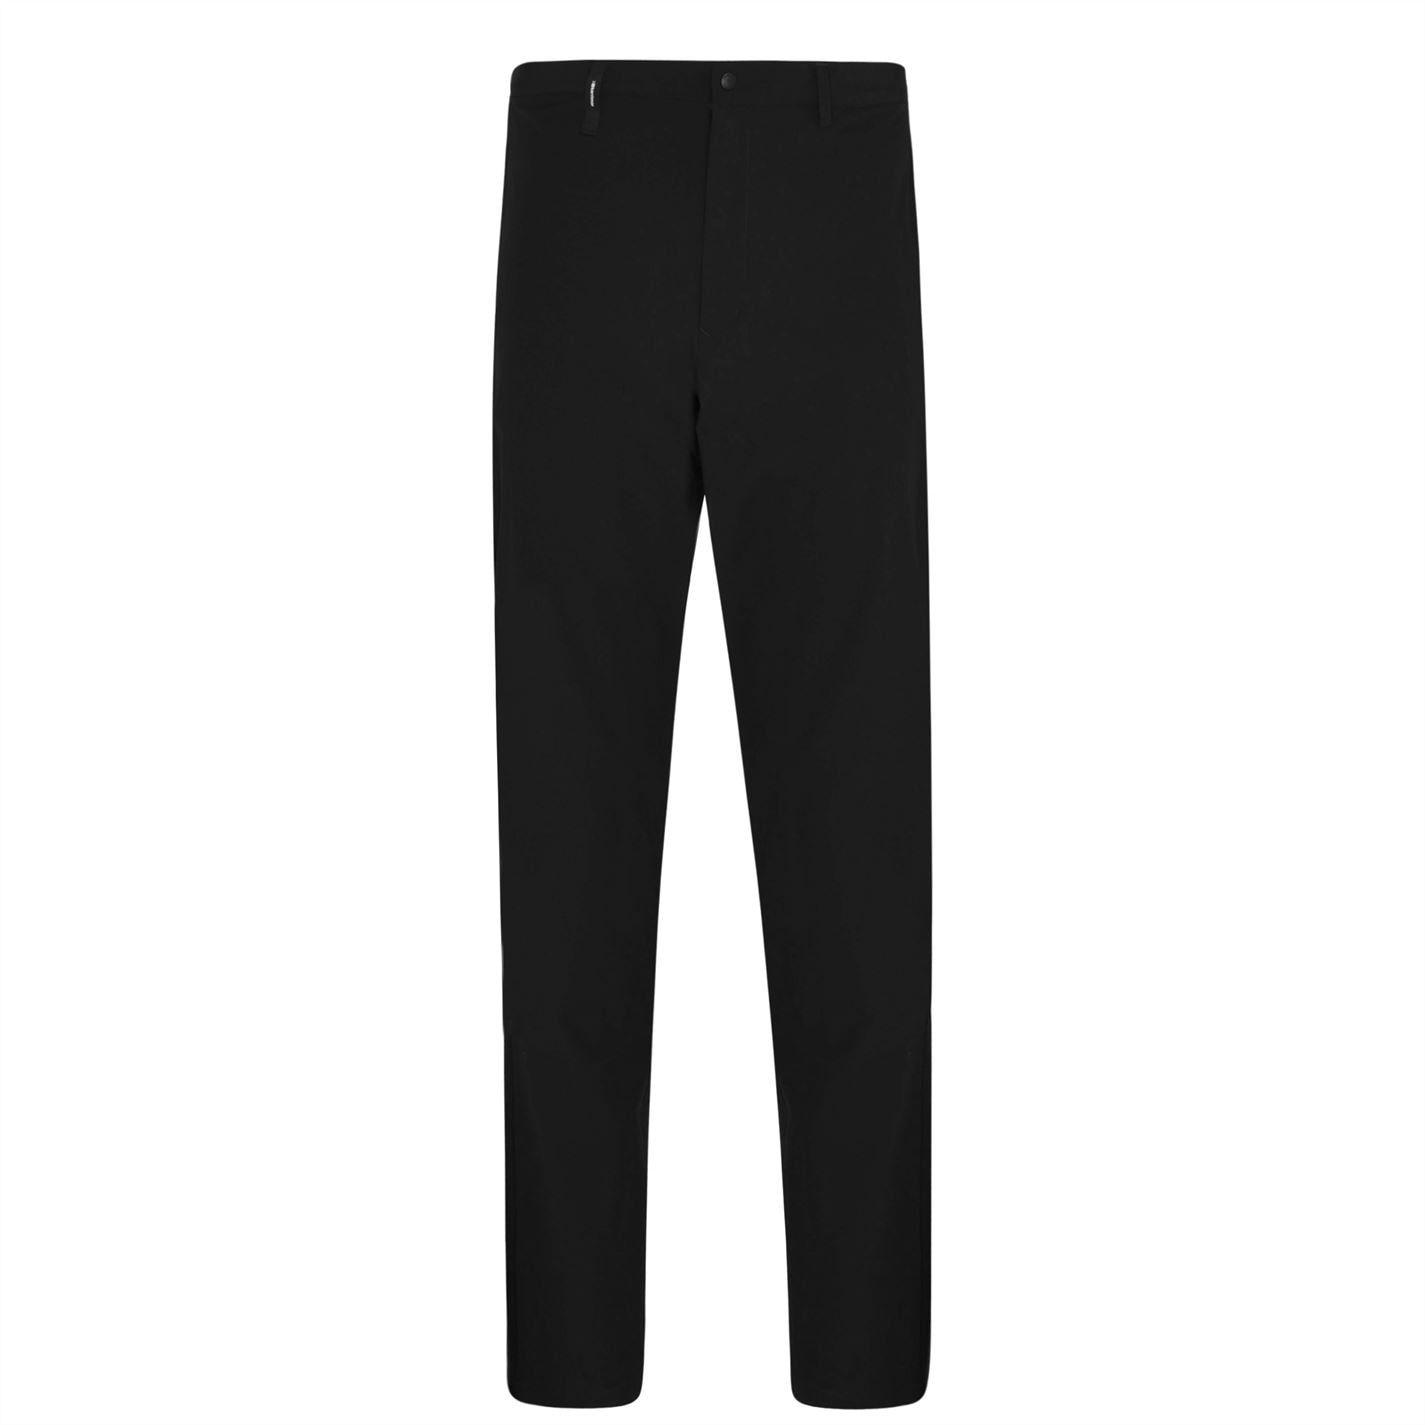 Millet Mens Storm Pants Trousers Bottoms